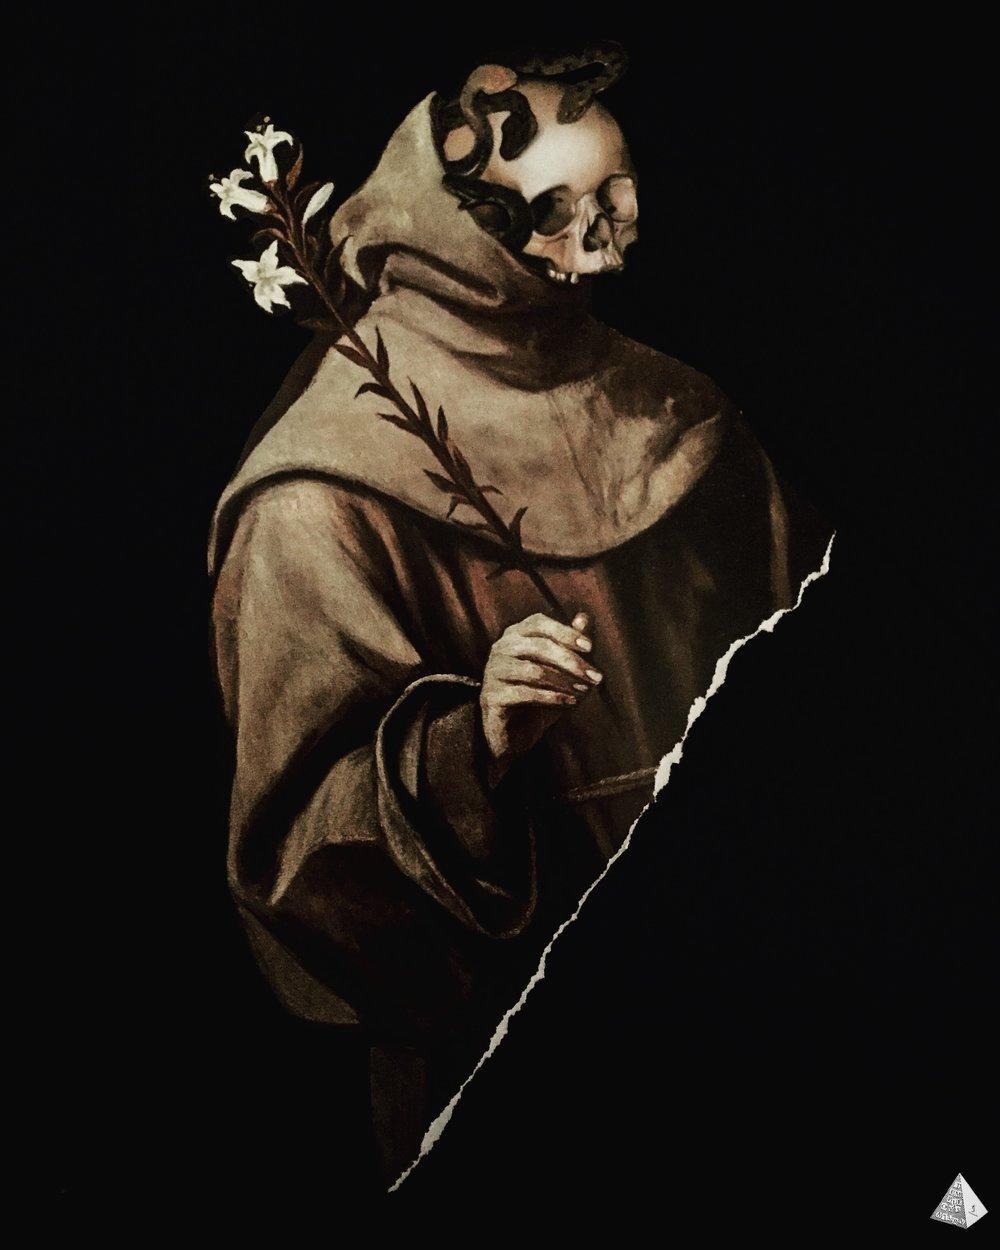 Les Fleurs du Mal: La Mauvais Moine by Joan Pope (Temple ov Saturn)